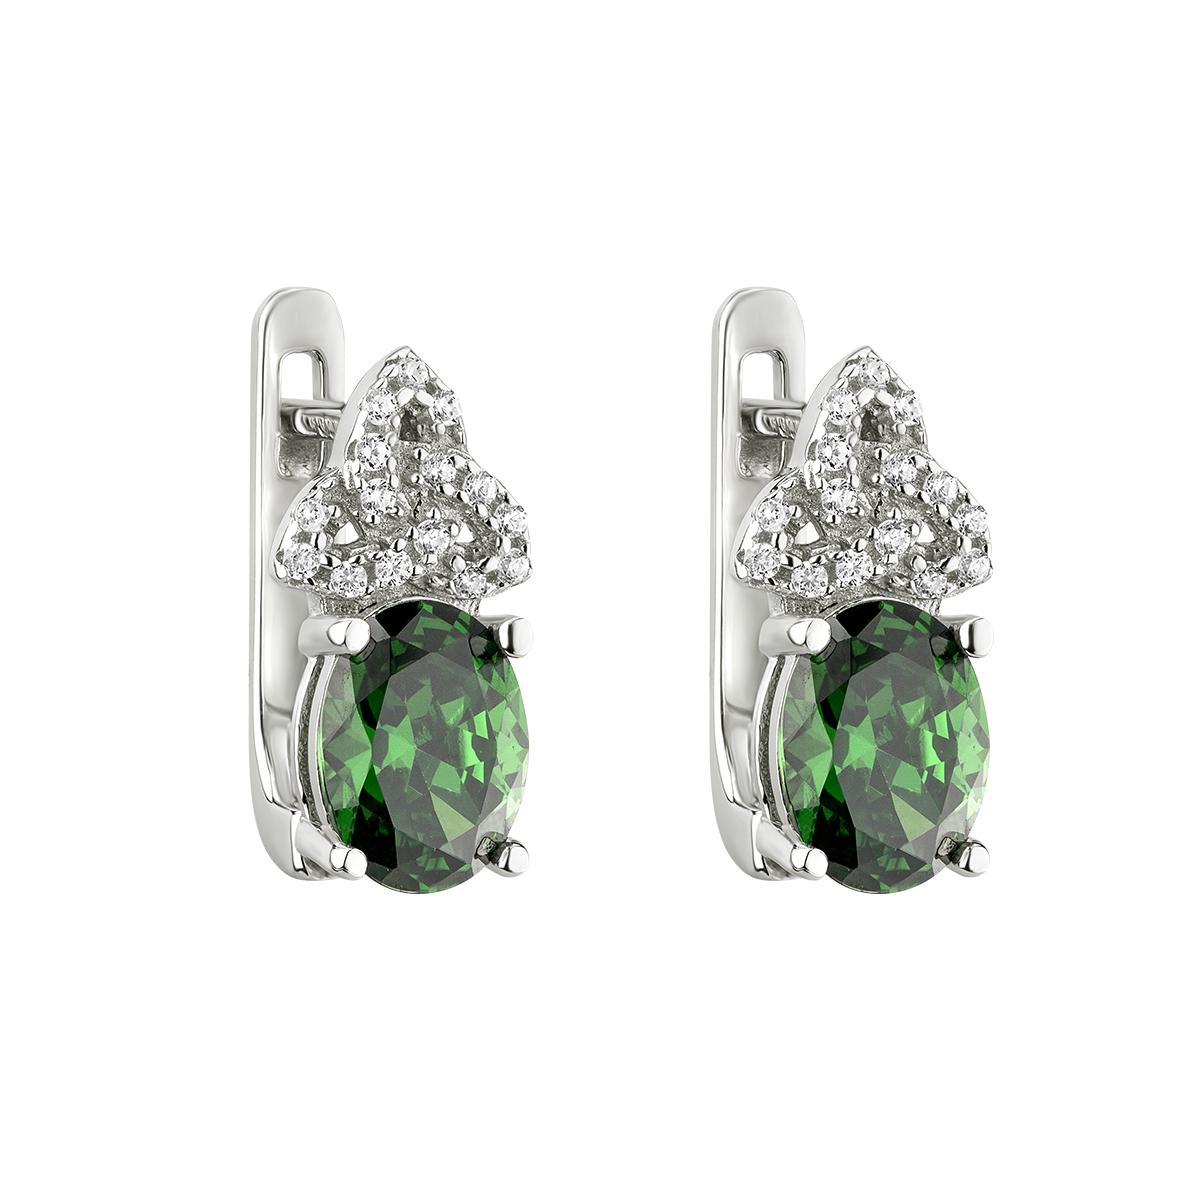 0eddce6af Solvar Green Celtic Knot Earrings - Skellig Gift Store